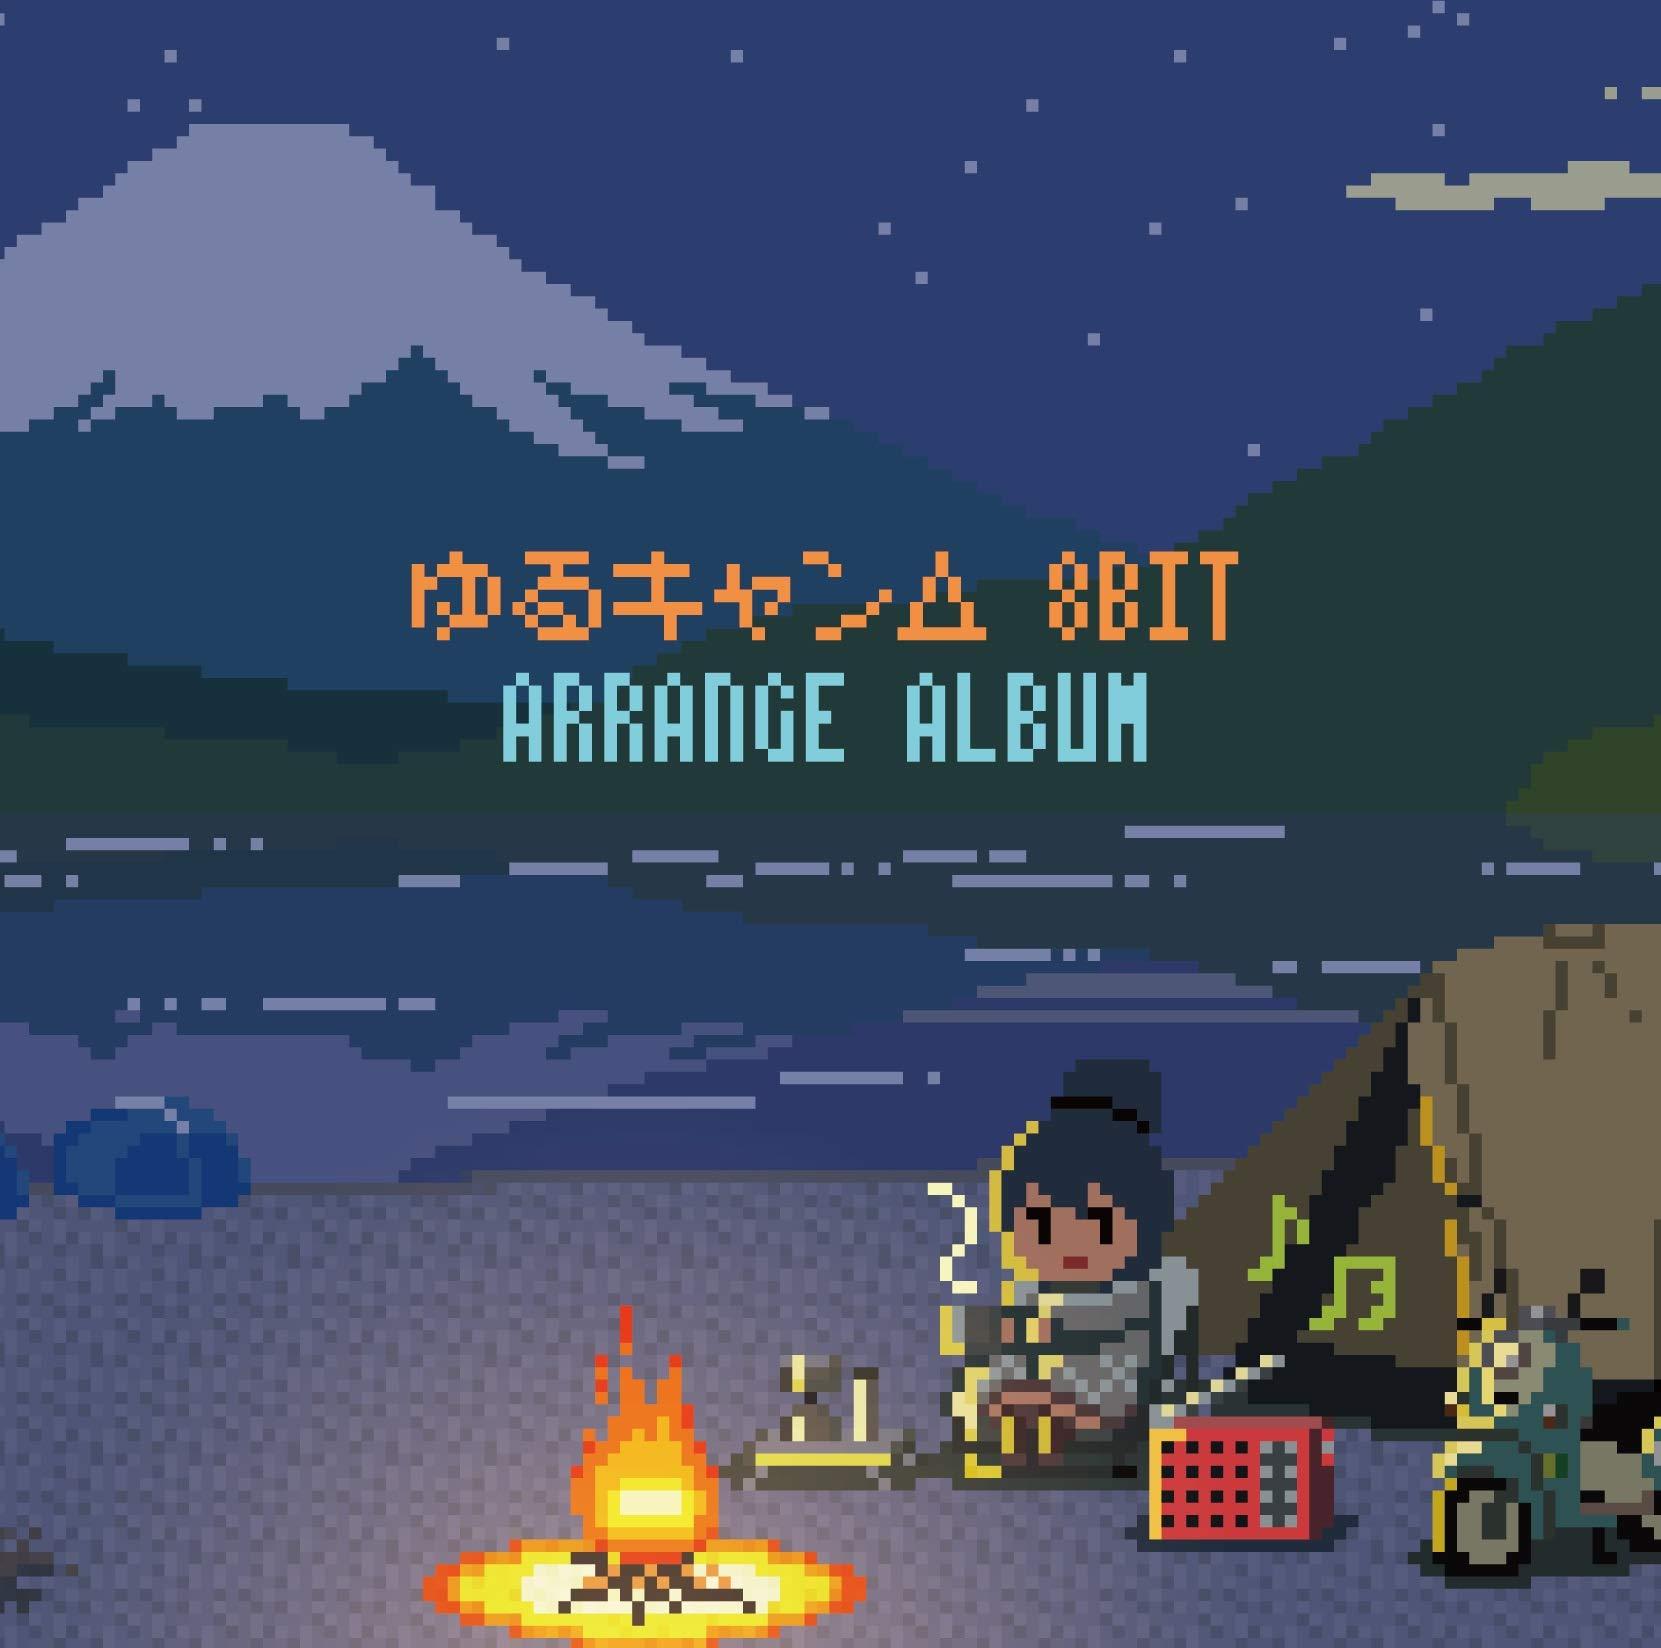 ゆるキャン△8bit アレンジアルバム (L判ブロマイド付)